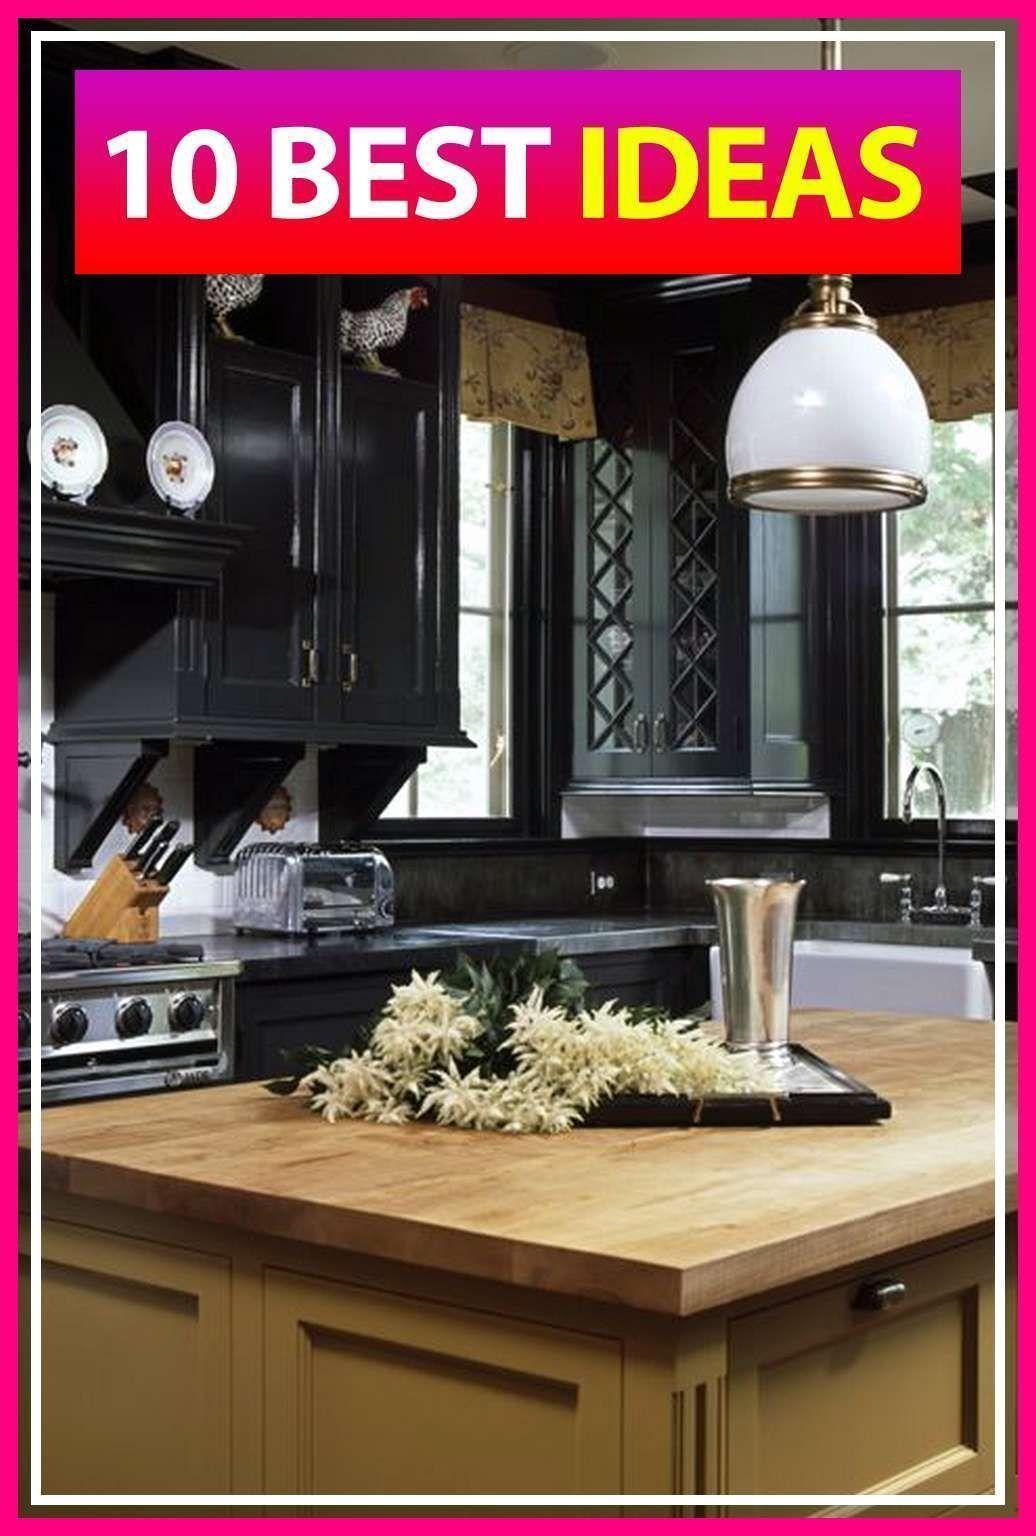 10 Atemberaubende Kuchenschrank Lackfarben Two Tone Lights Schwarz Kuchenschr Atembera In 2020 Painting Kitchen Cabinets Black Kitchen Cabinets Matte Black Kitchen